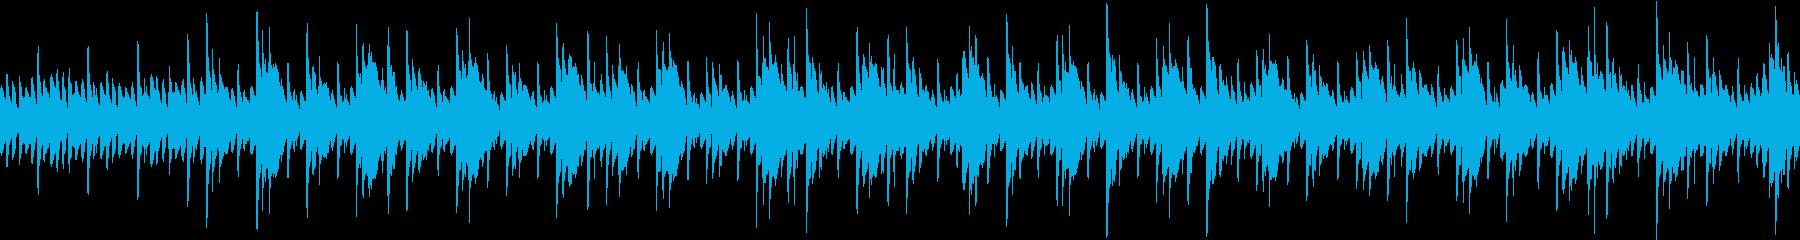 静かで安逸な中国風の背景音楽 ループ仕様の再生済みの波形